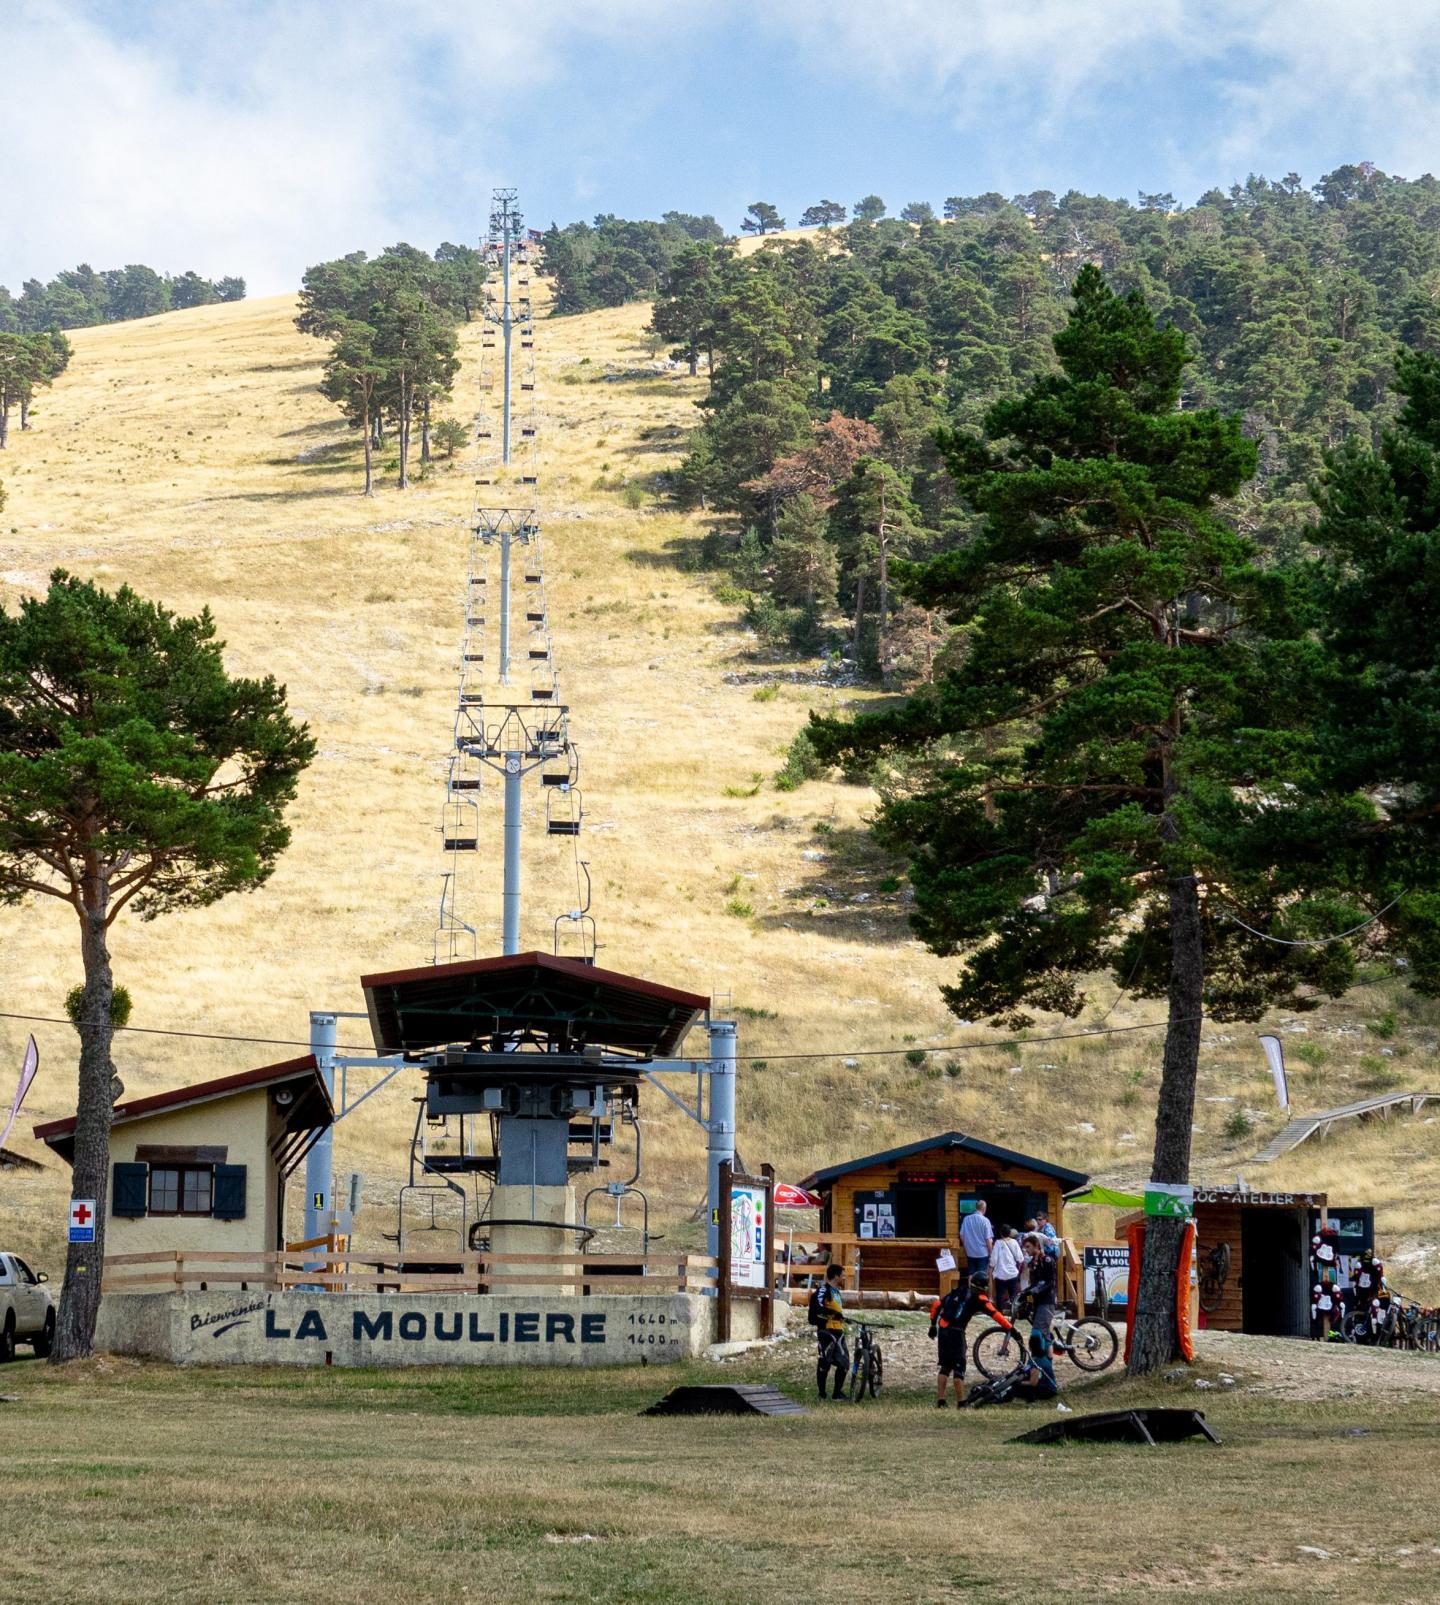 Le télésiège de la station SMGA fonctionne quasiment toute l'année.